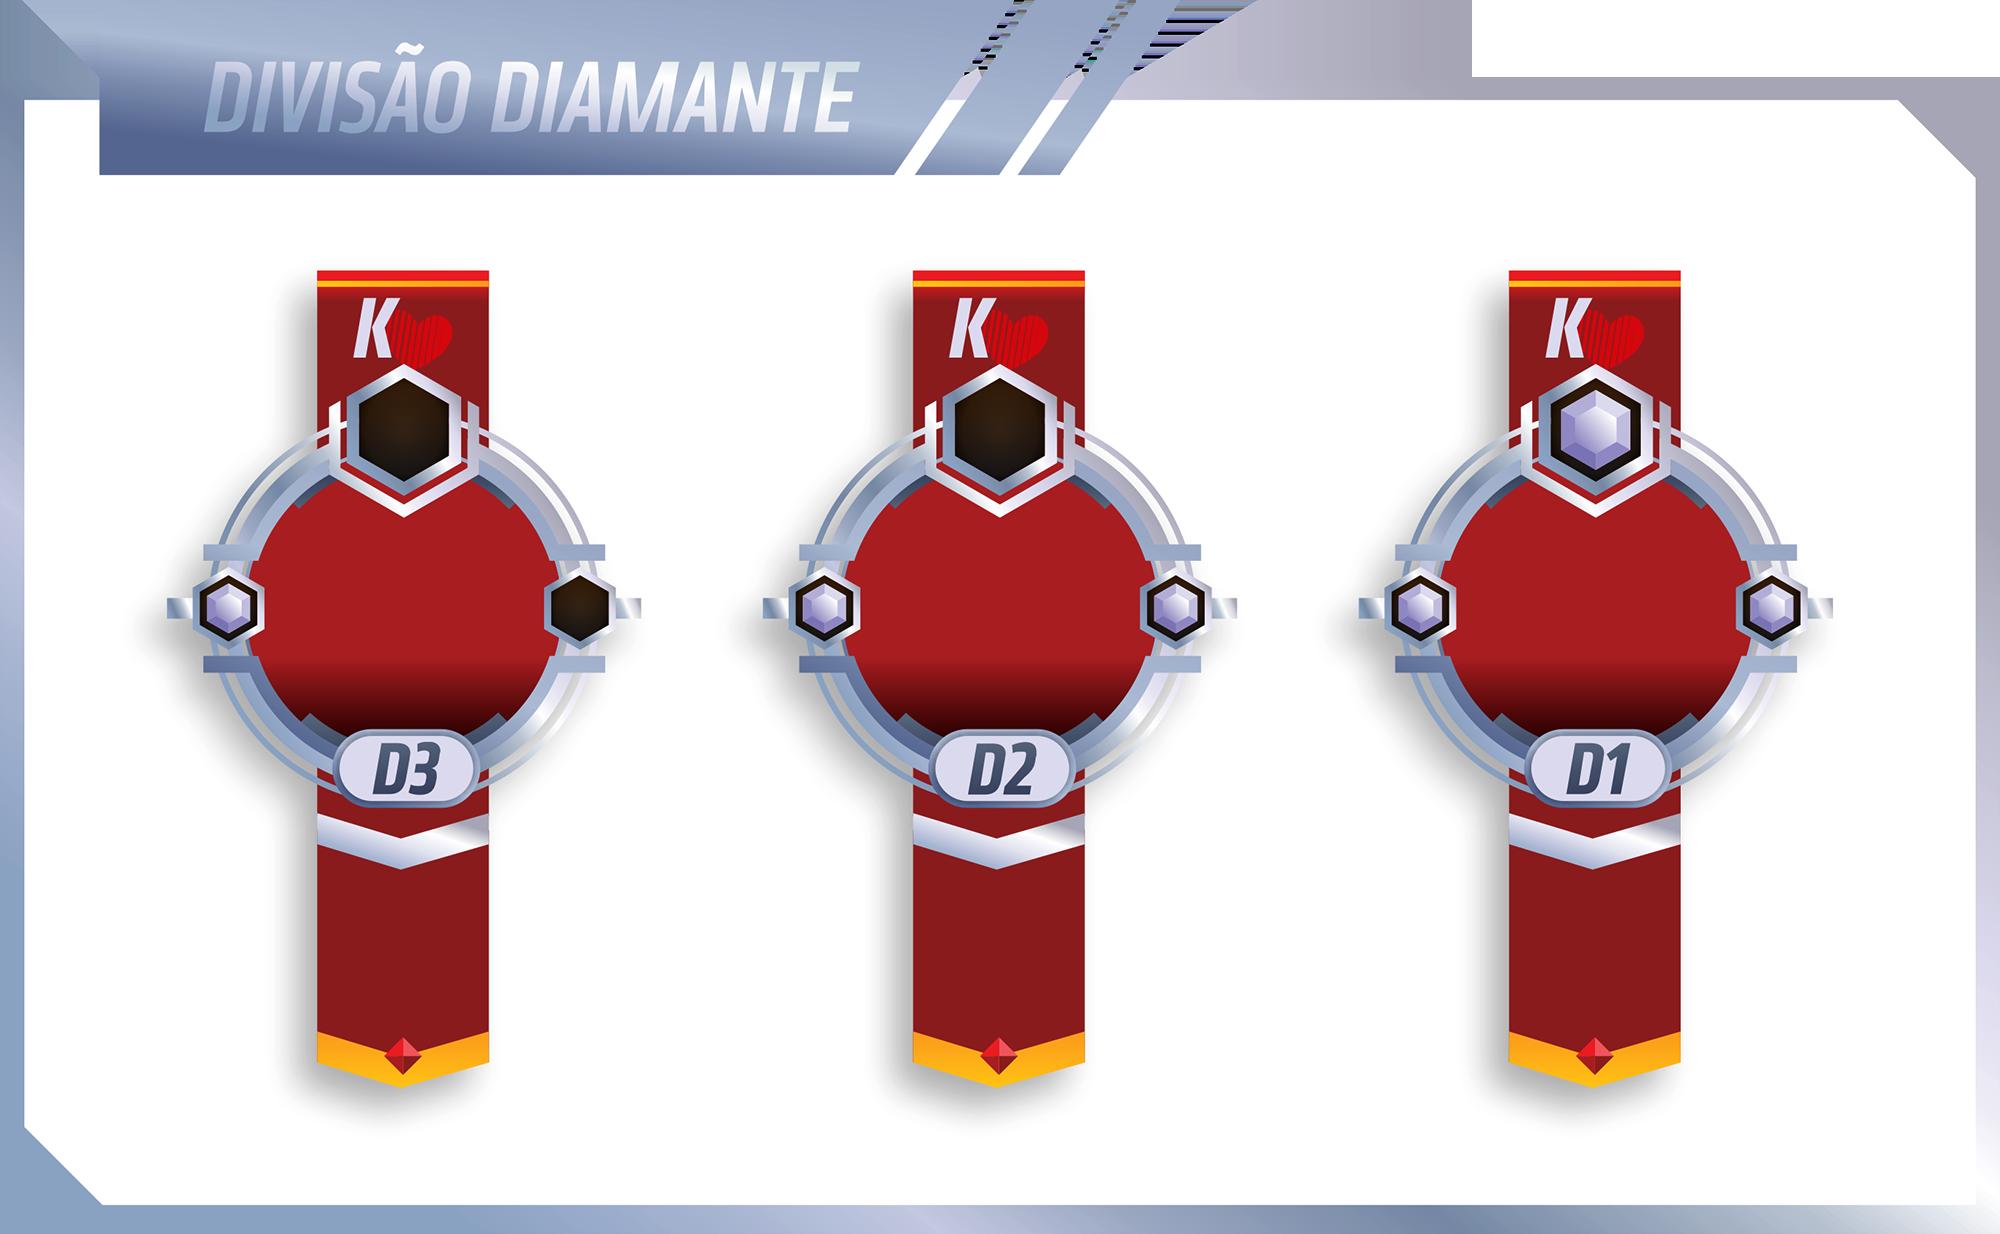 Divisão Diamante